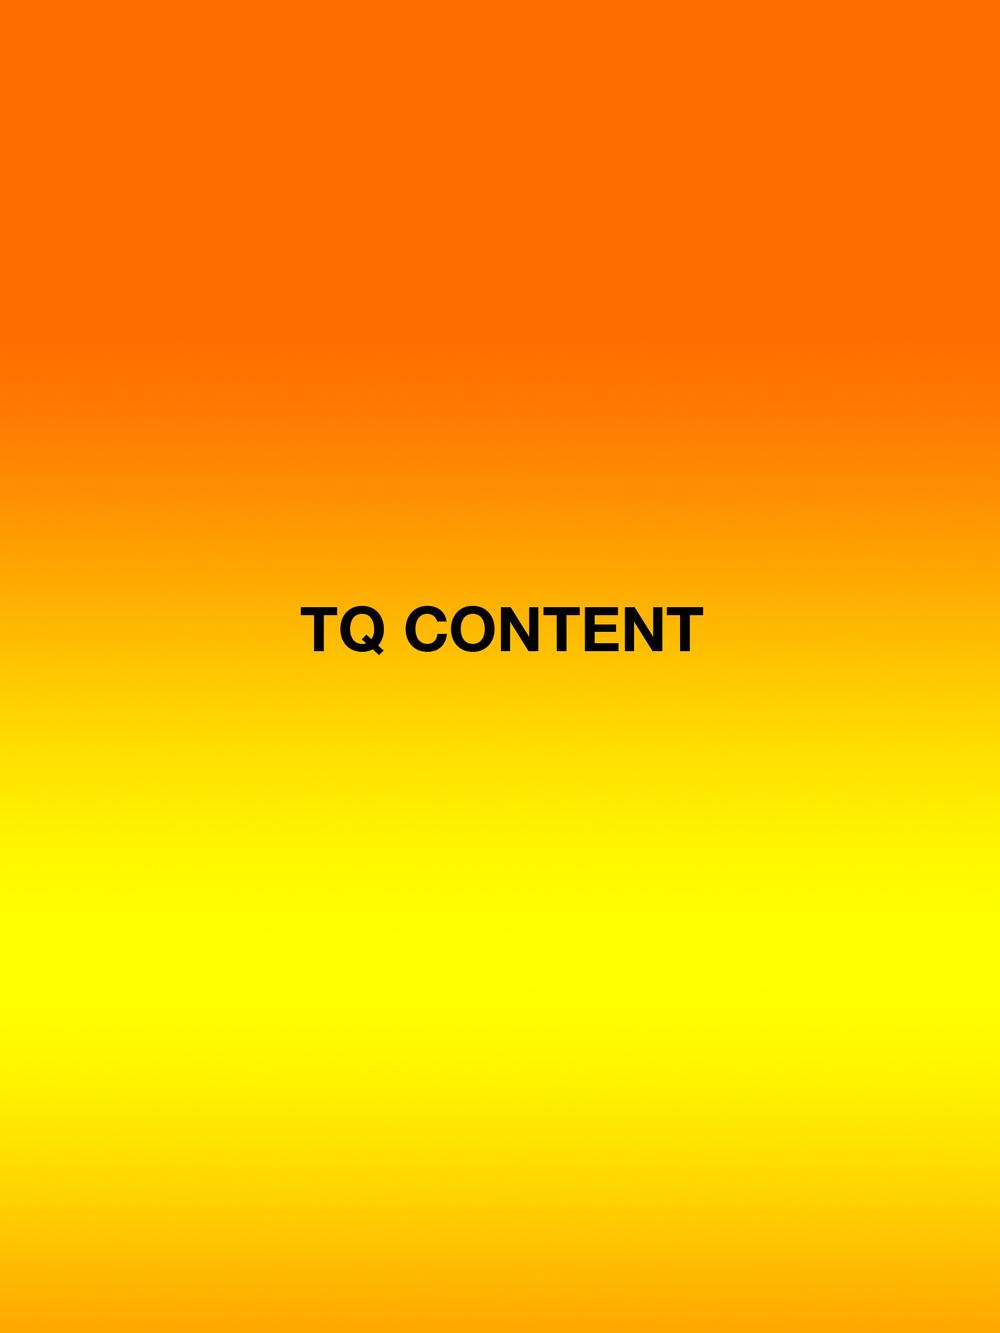 TQ-content-tester.jpg